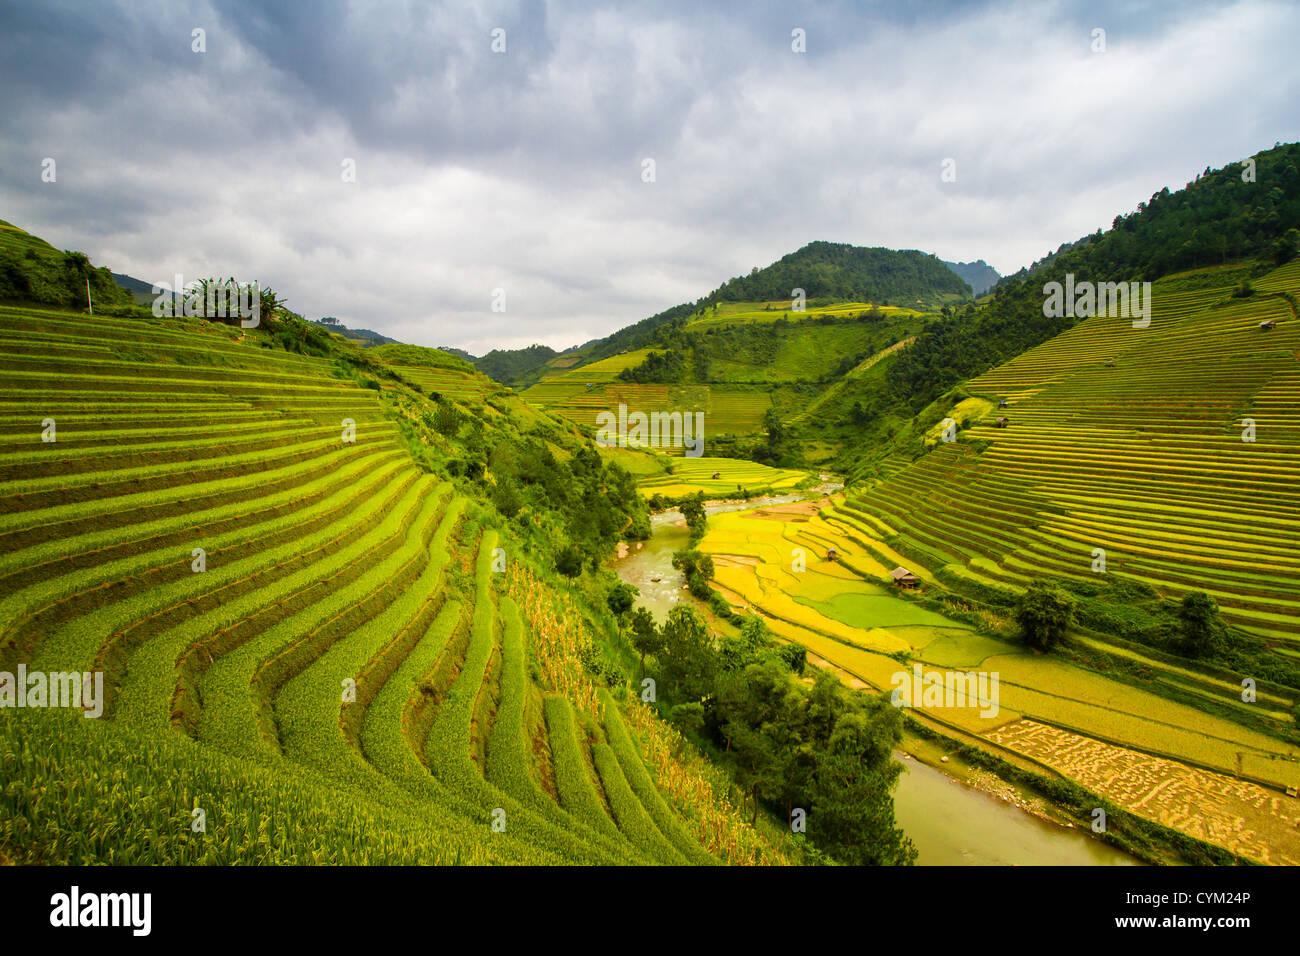 Reis-Terrassen von Hmong ethnische Minderheit im Nordwesten bergigen Gegend von Vietnam Stockbild